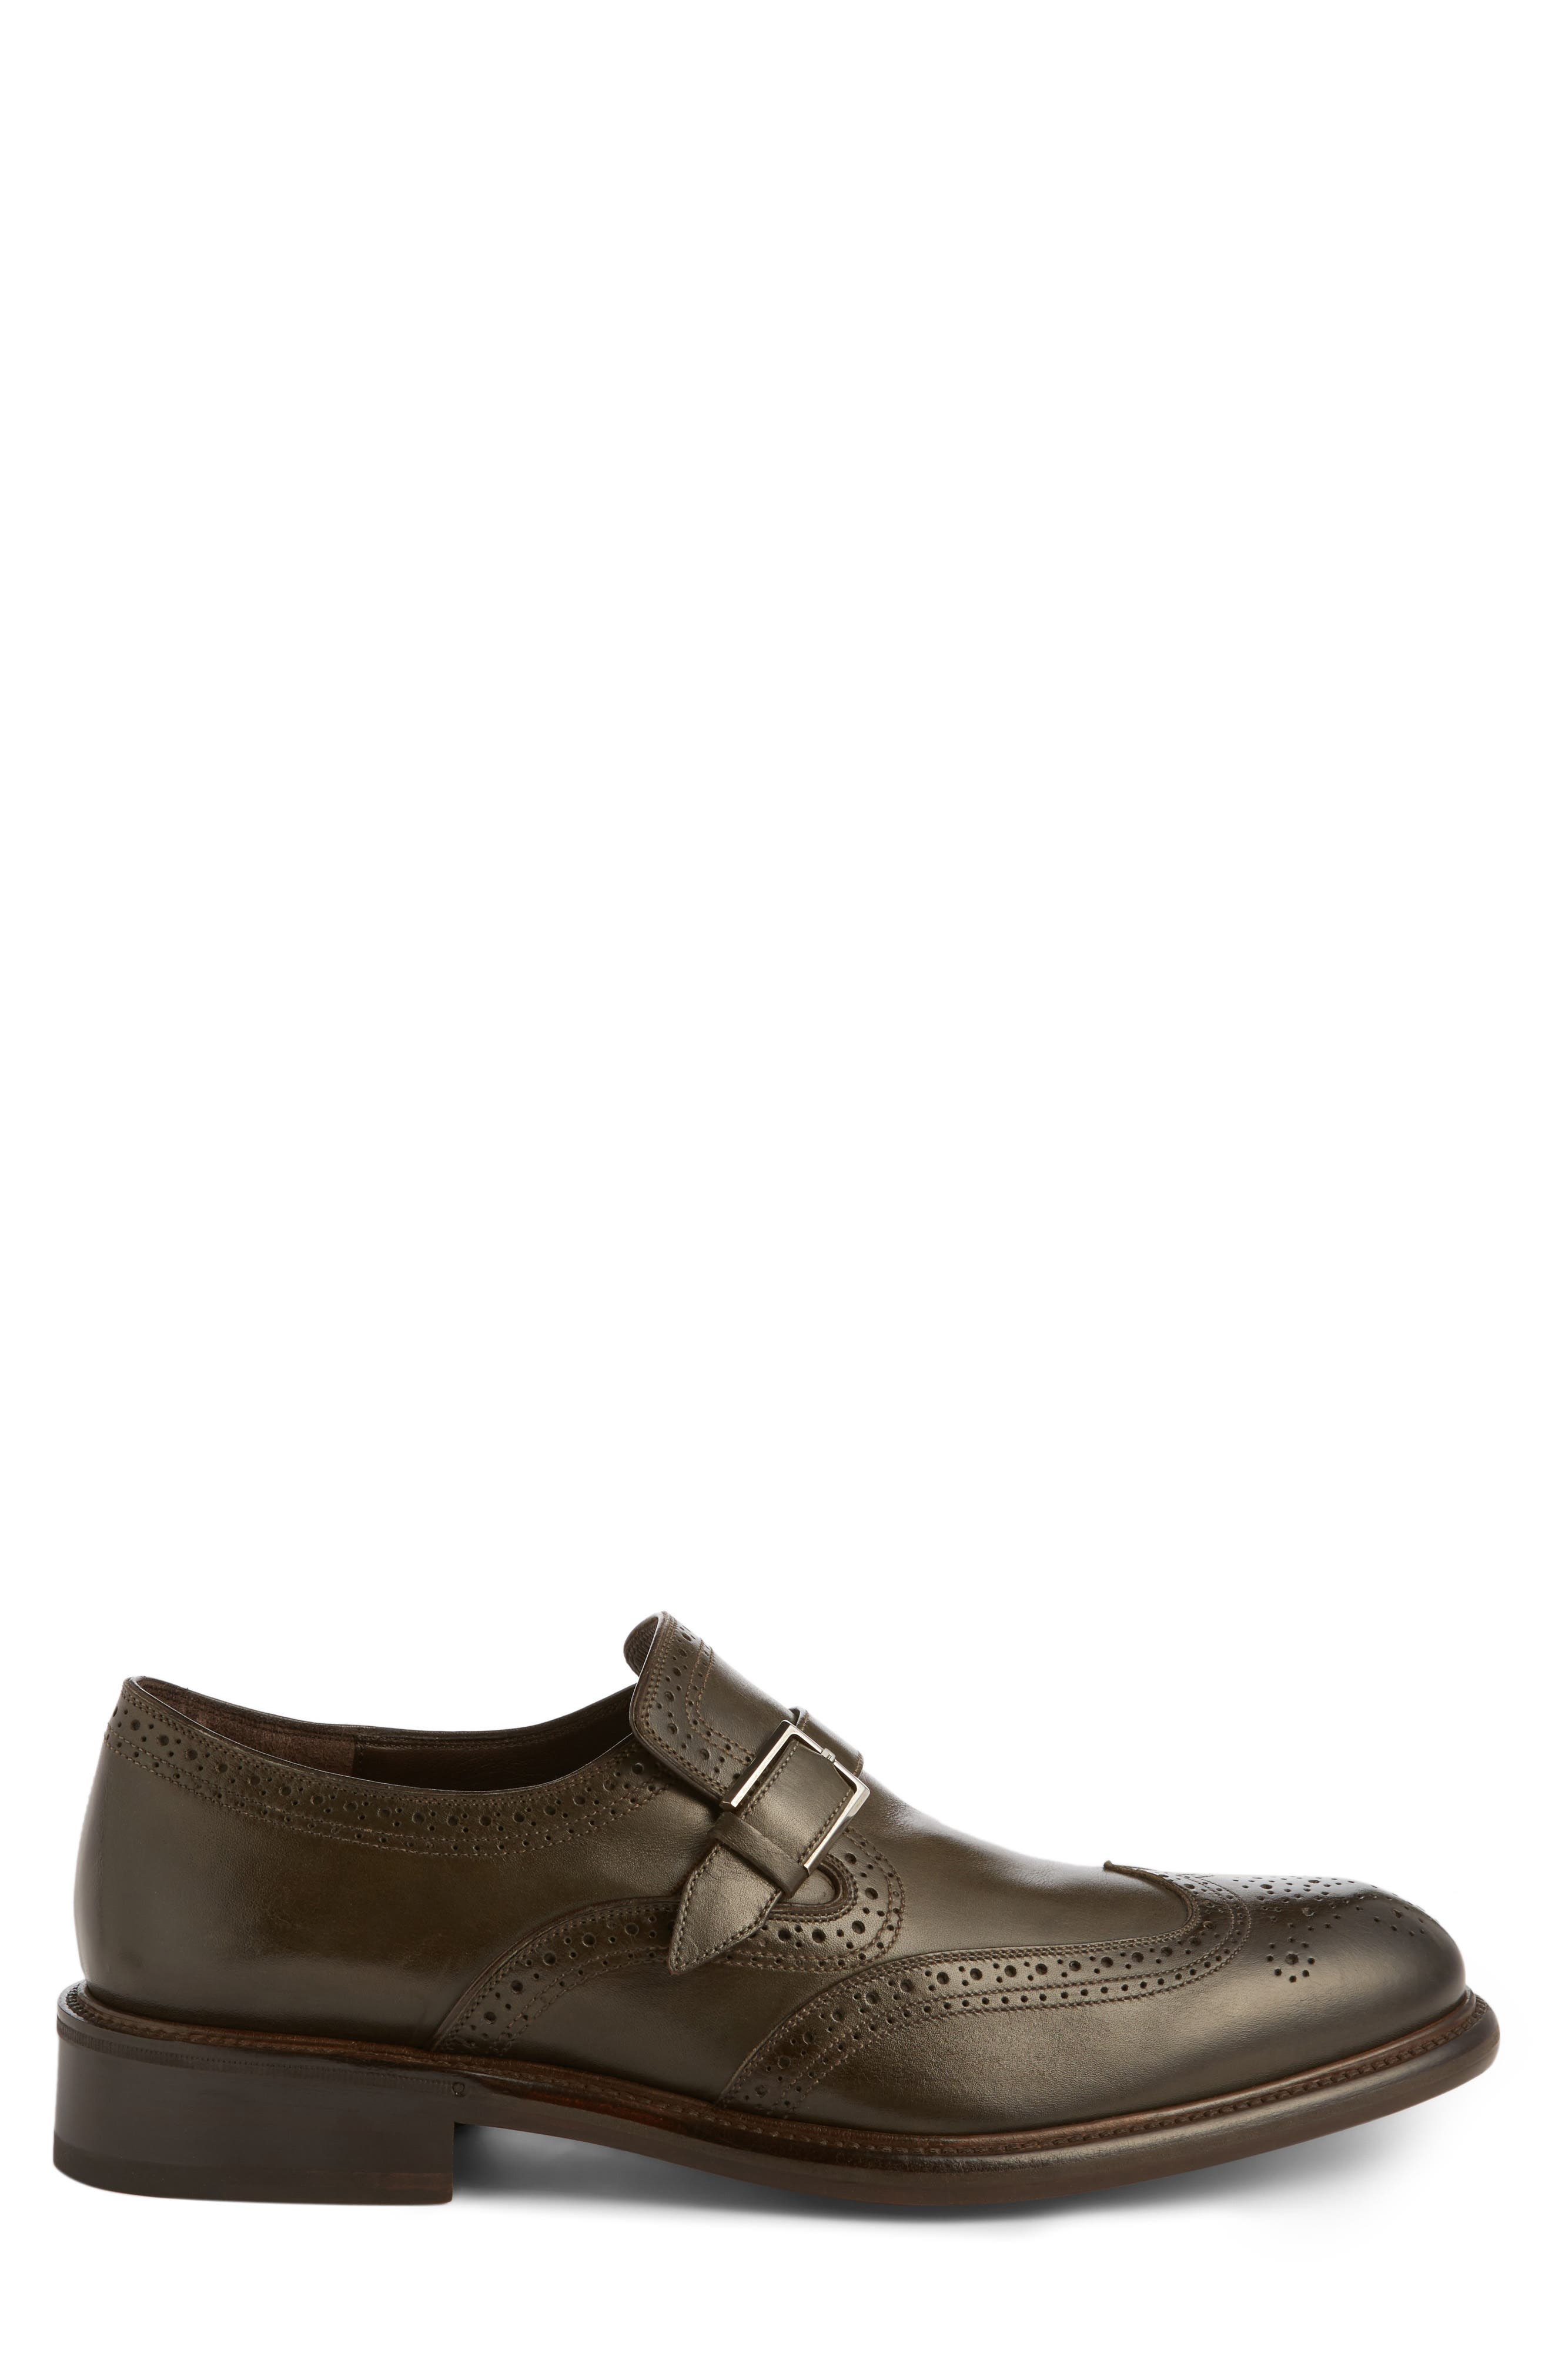 Monk Strap Shoe,                             Alternate thumbnail 3, color,                             209